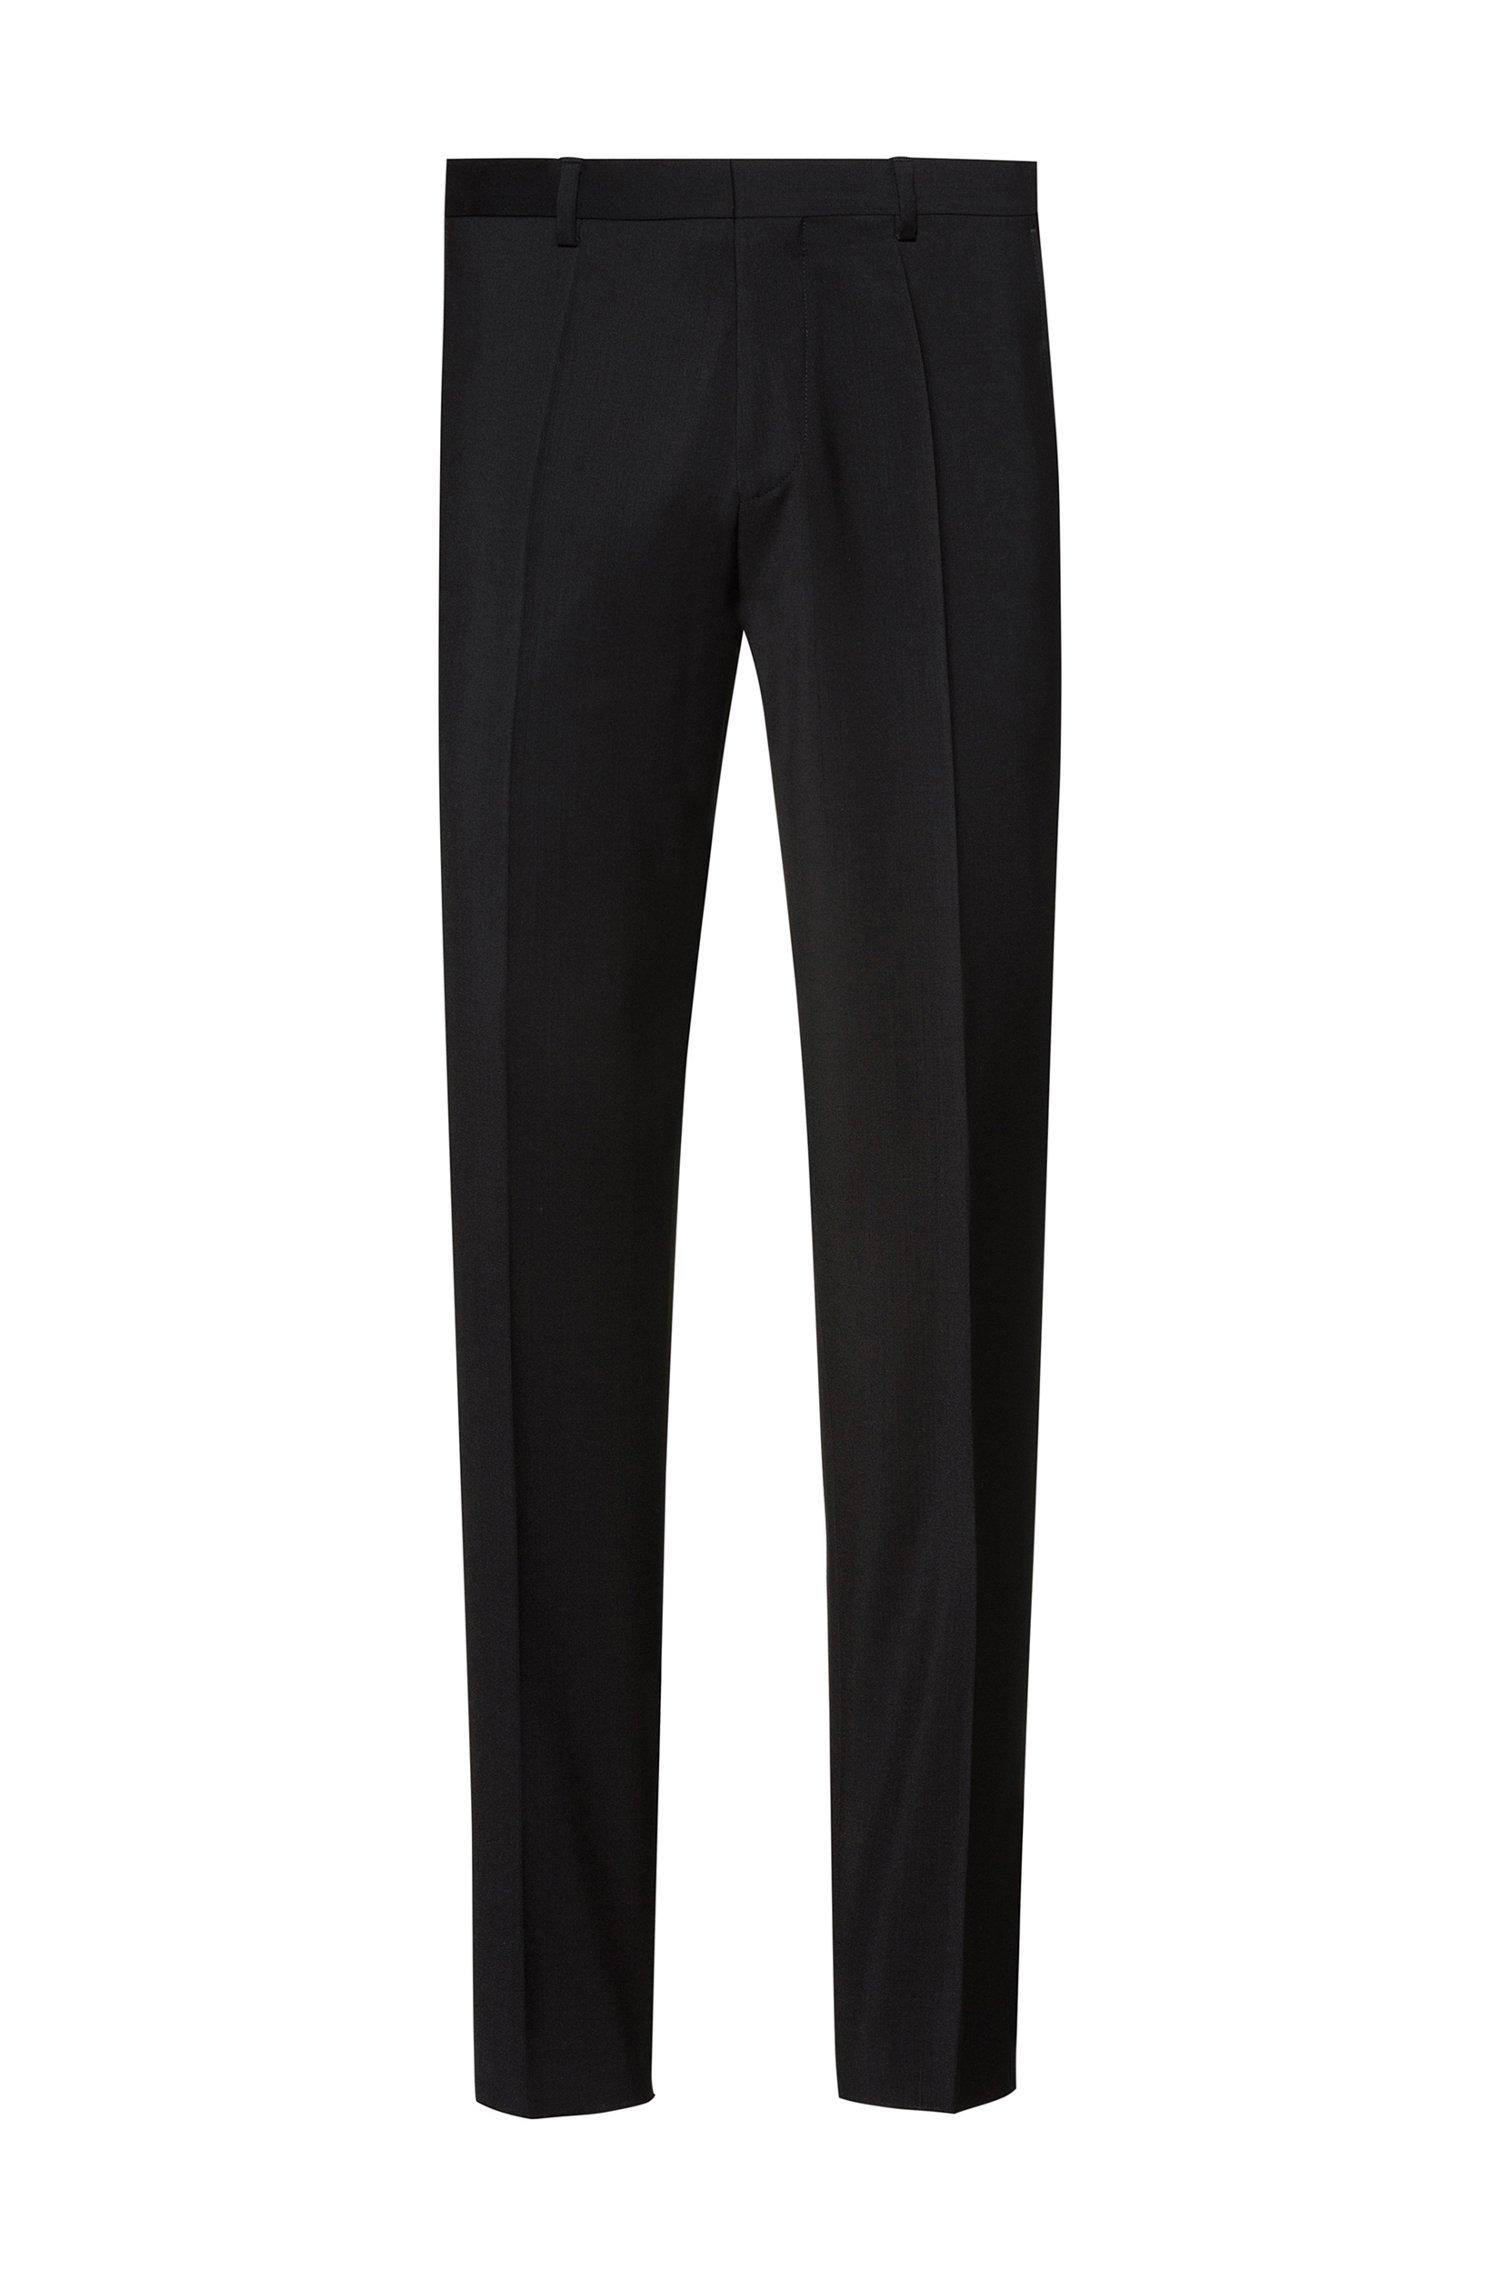 Extra-slim-fit trousers in virgin-wool poplin, Black